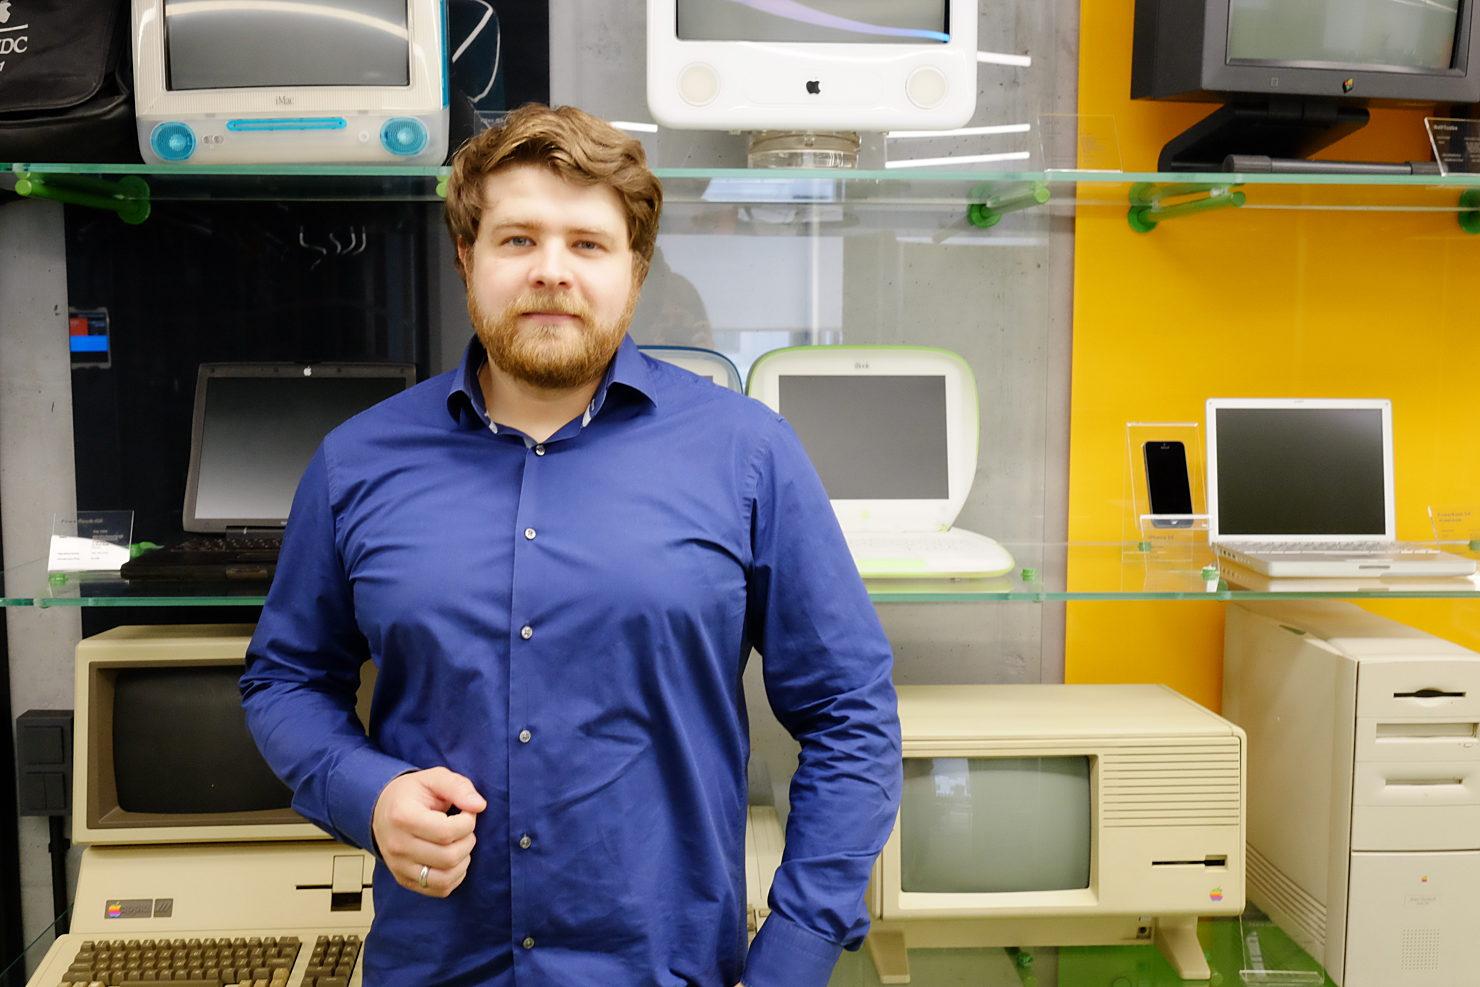 Интервью: Александр Косован: «Мы в MacPaw вкладываем много внимания и любви в то, что делаем». Экспозиция винтажных компьютеров Mac